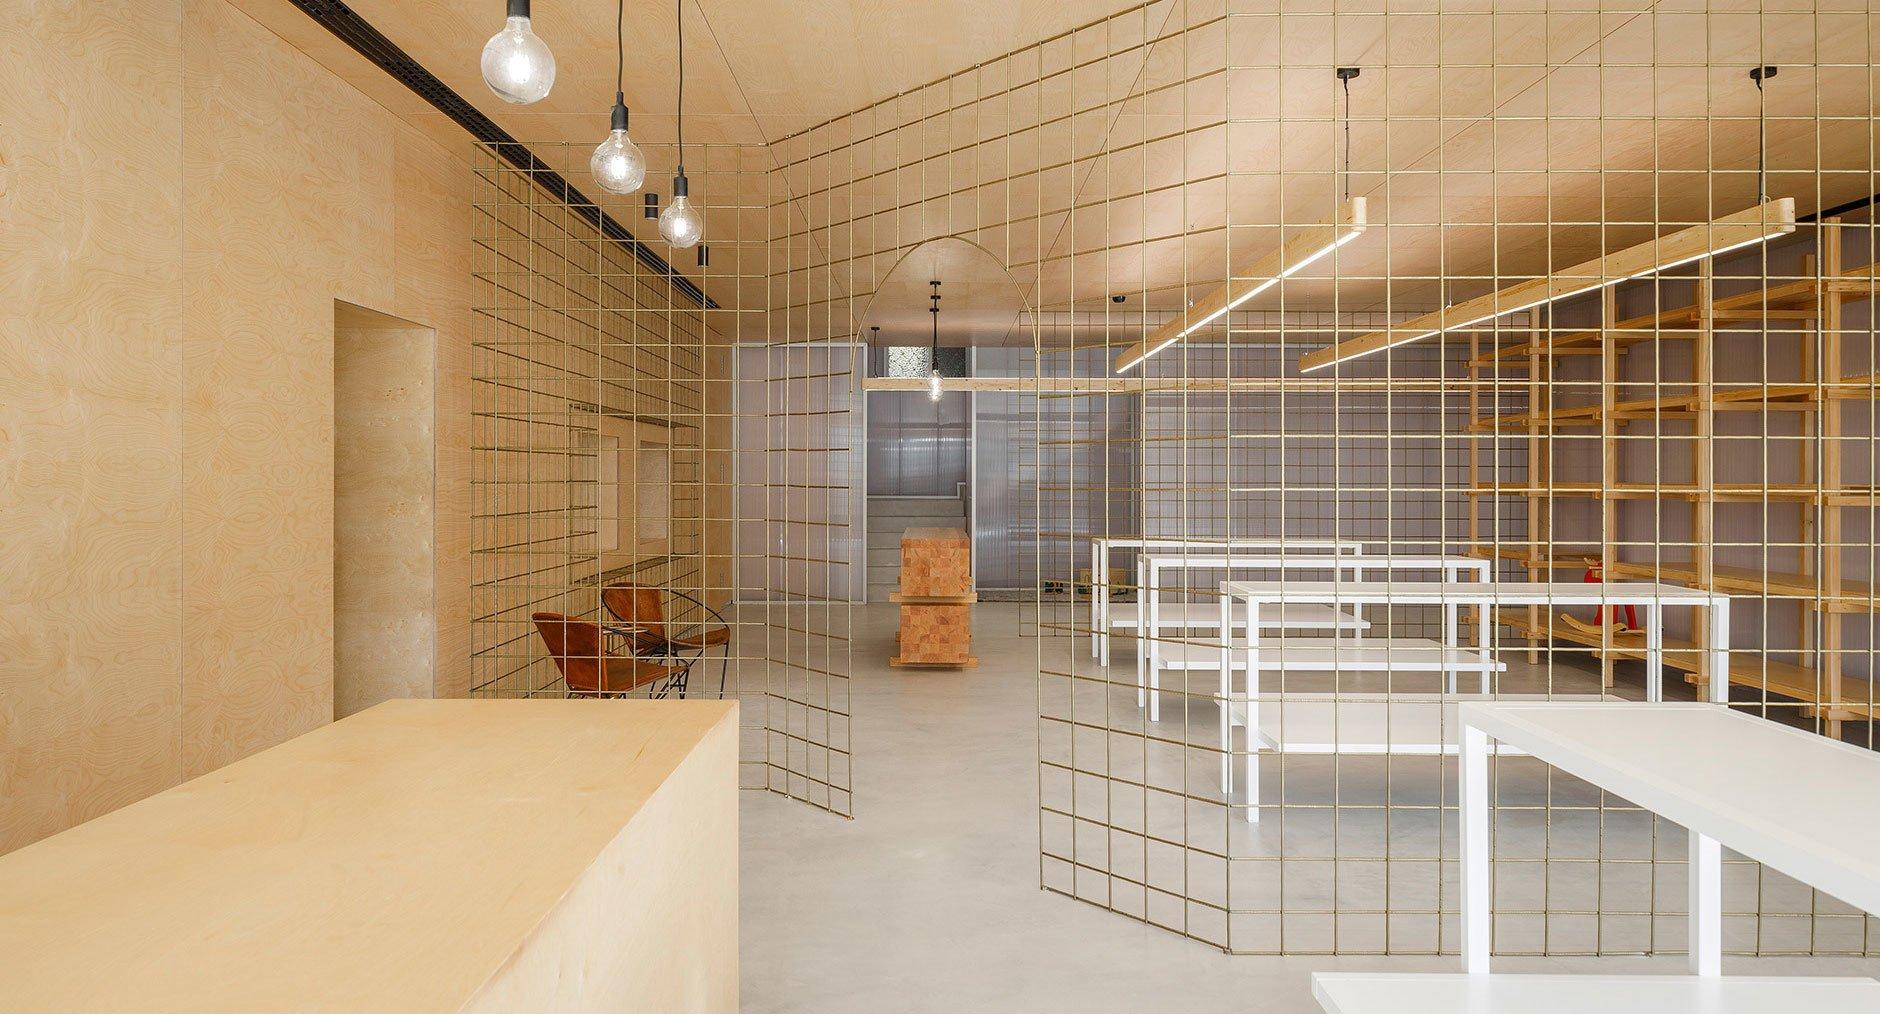 Hinter Gittern: Das Designbüro stu.dere führt die Kunden eines Kinderladens in Portugal mit transparenten und transluzenten Raumteilern auf Entdeckungstour.